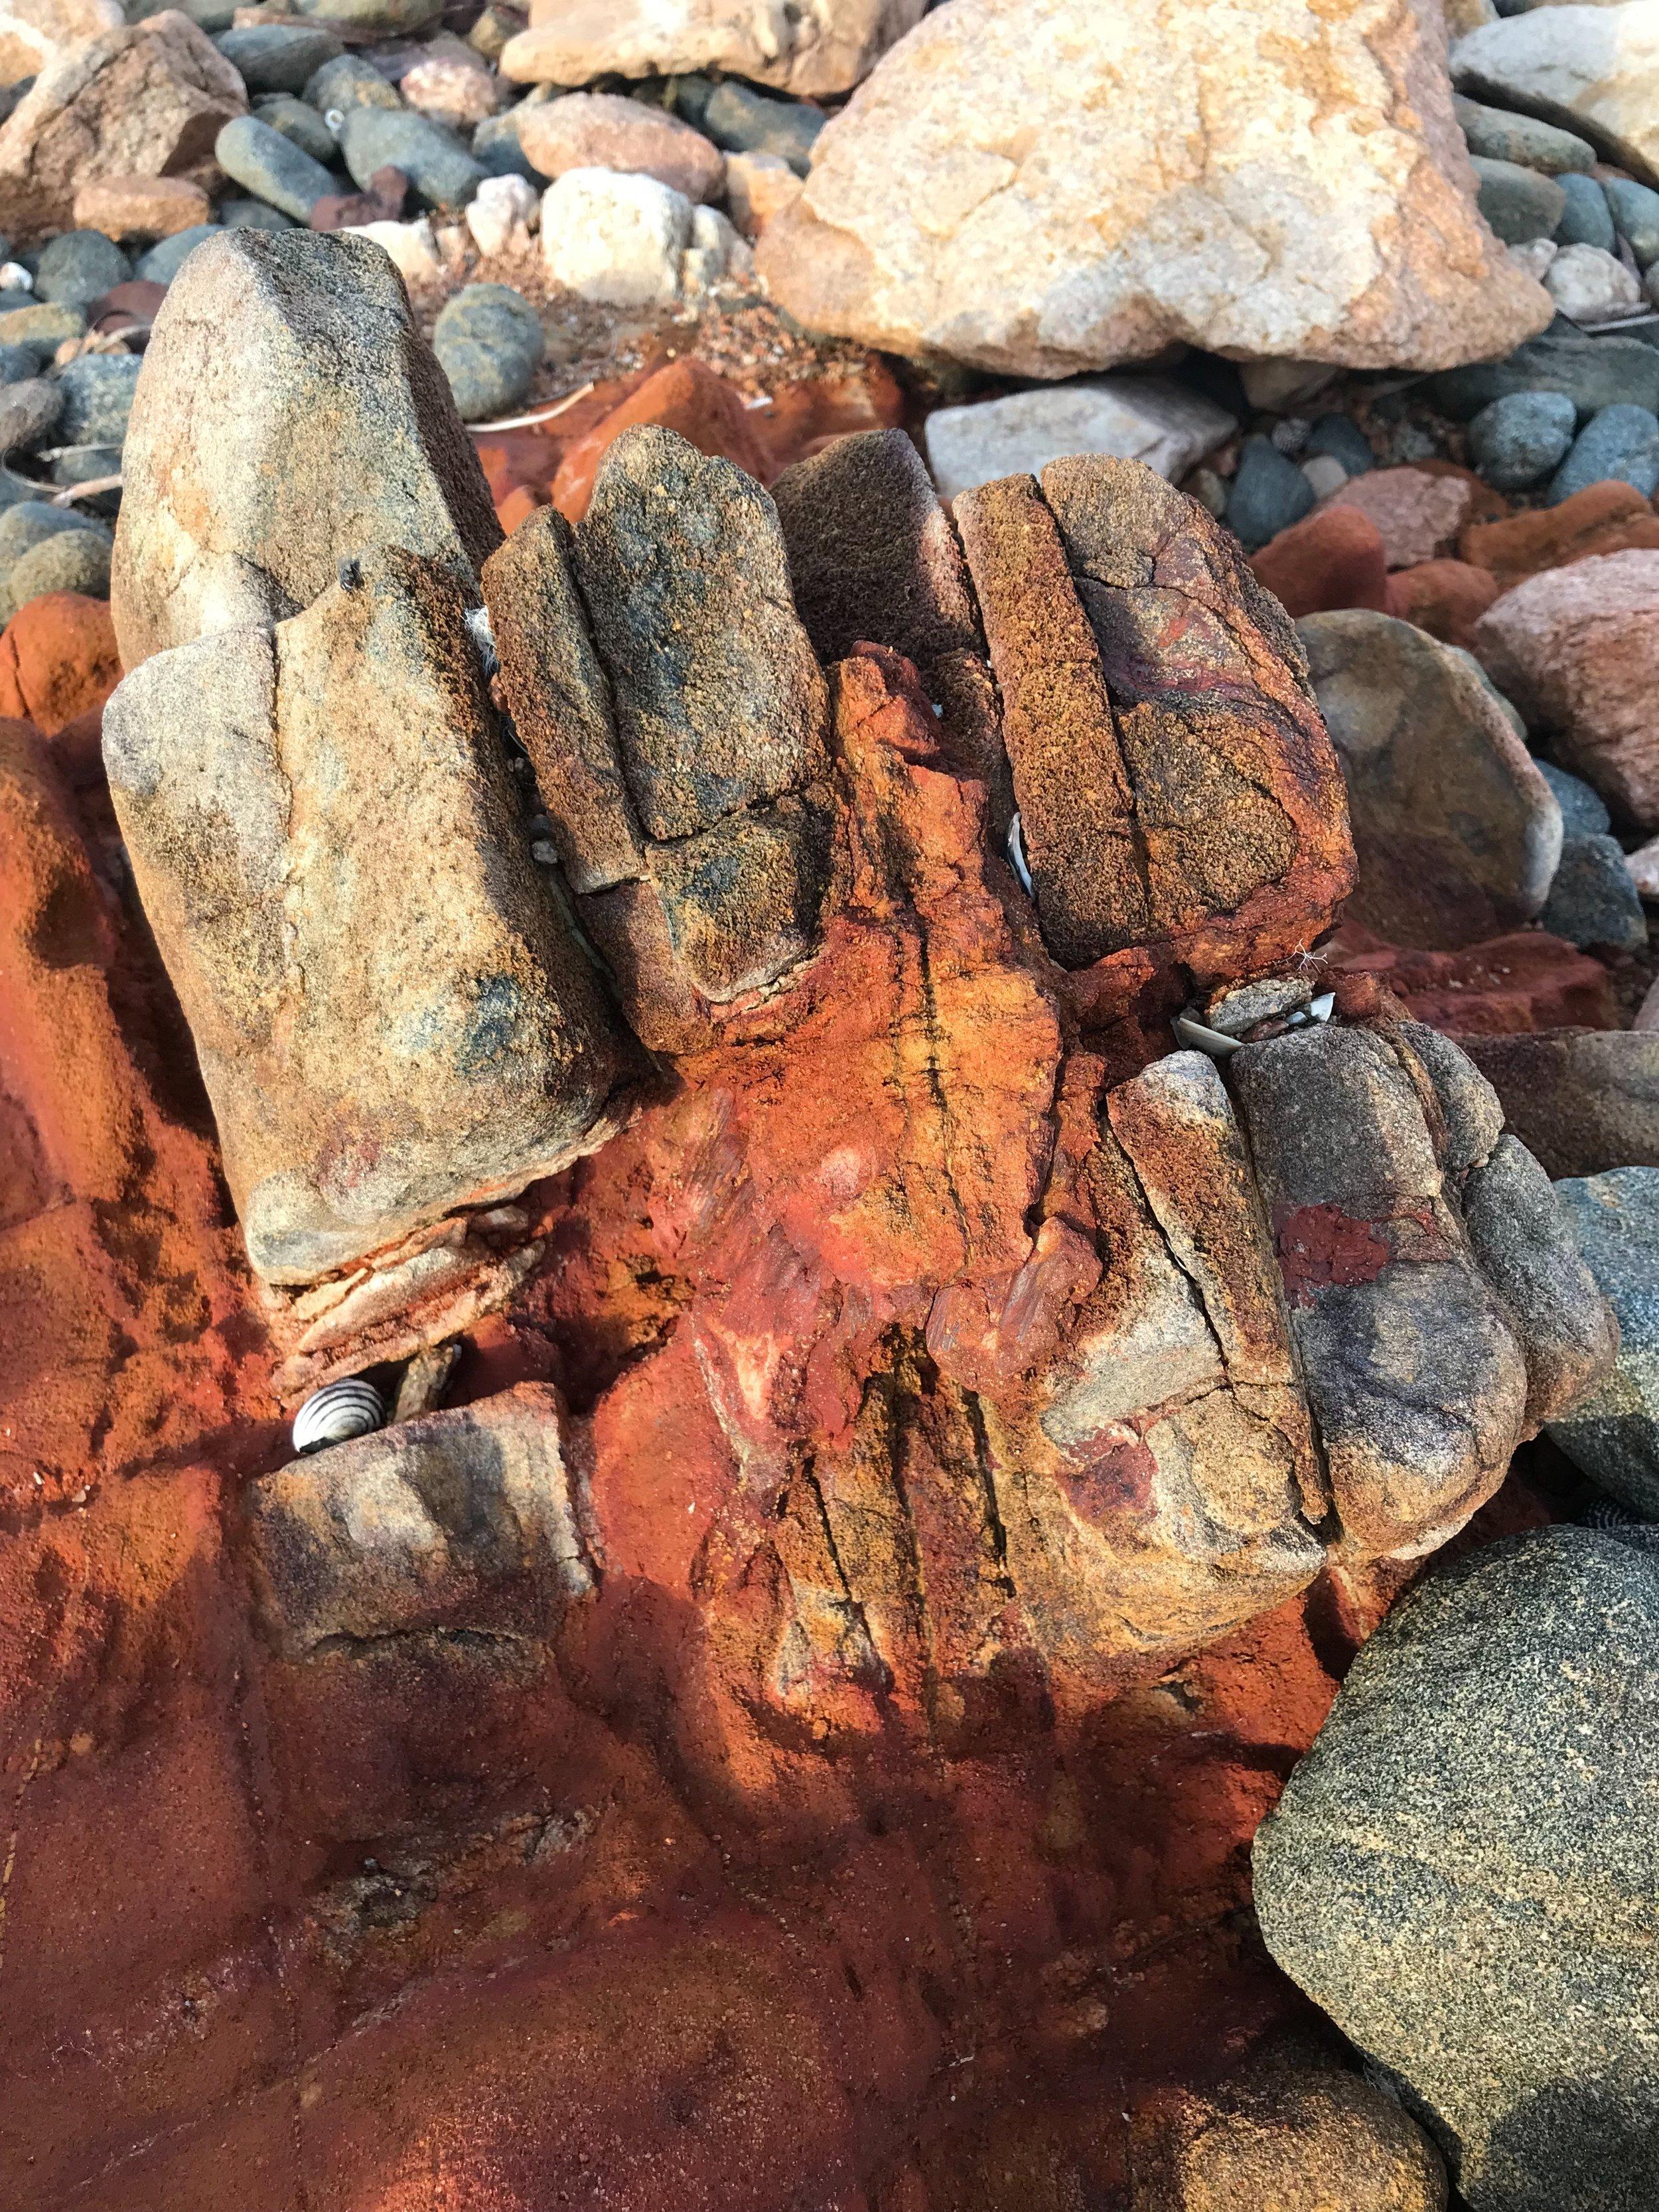 Rocks at Thevenard